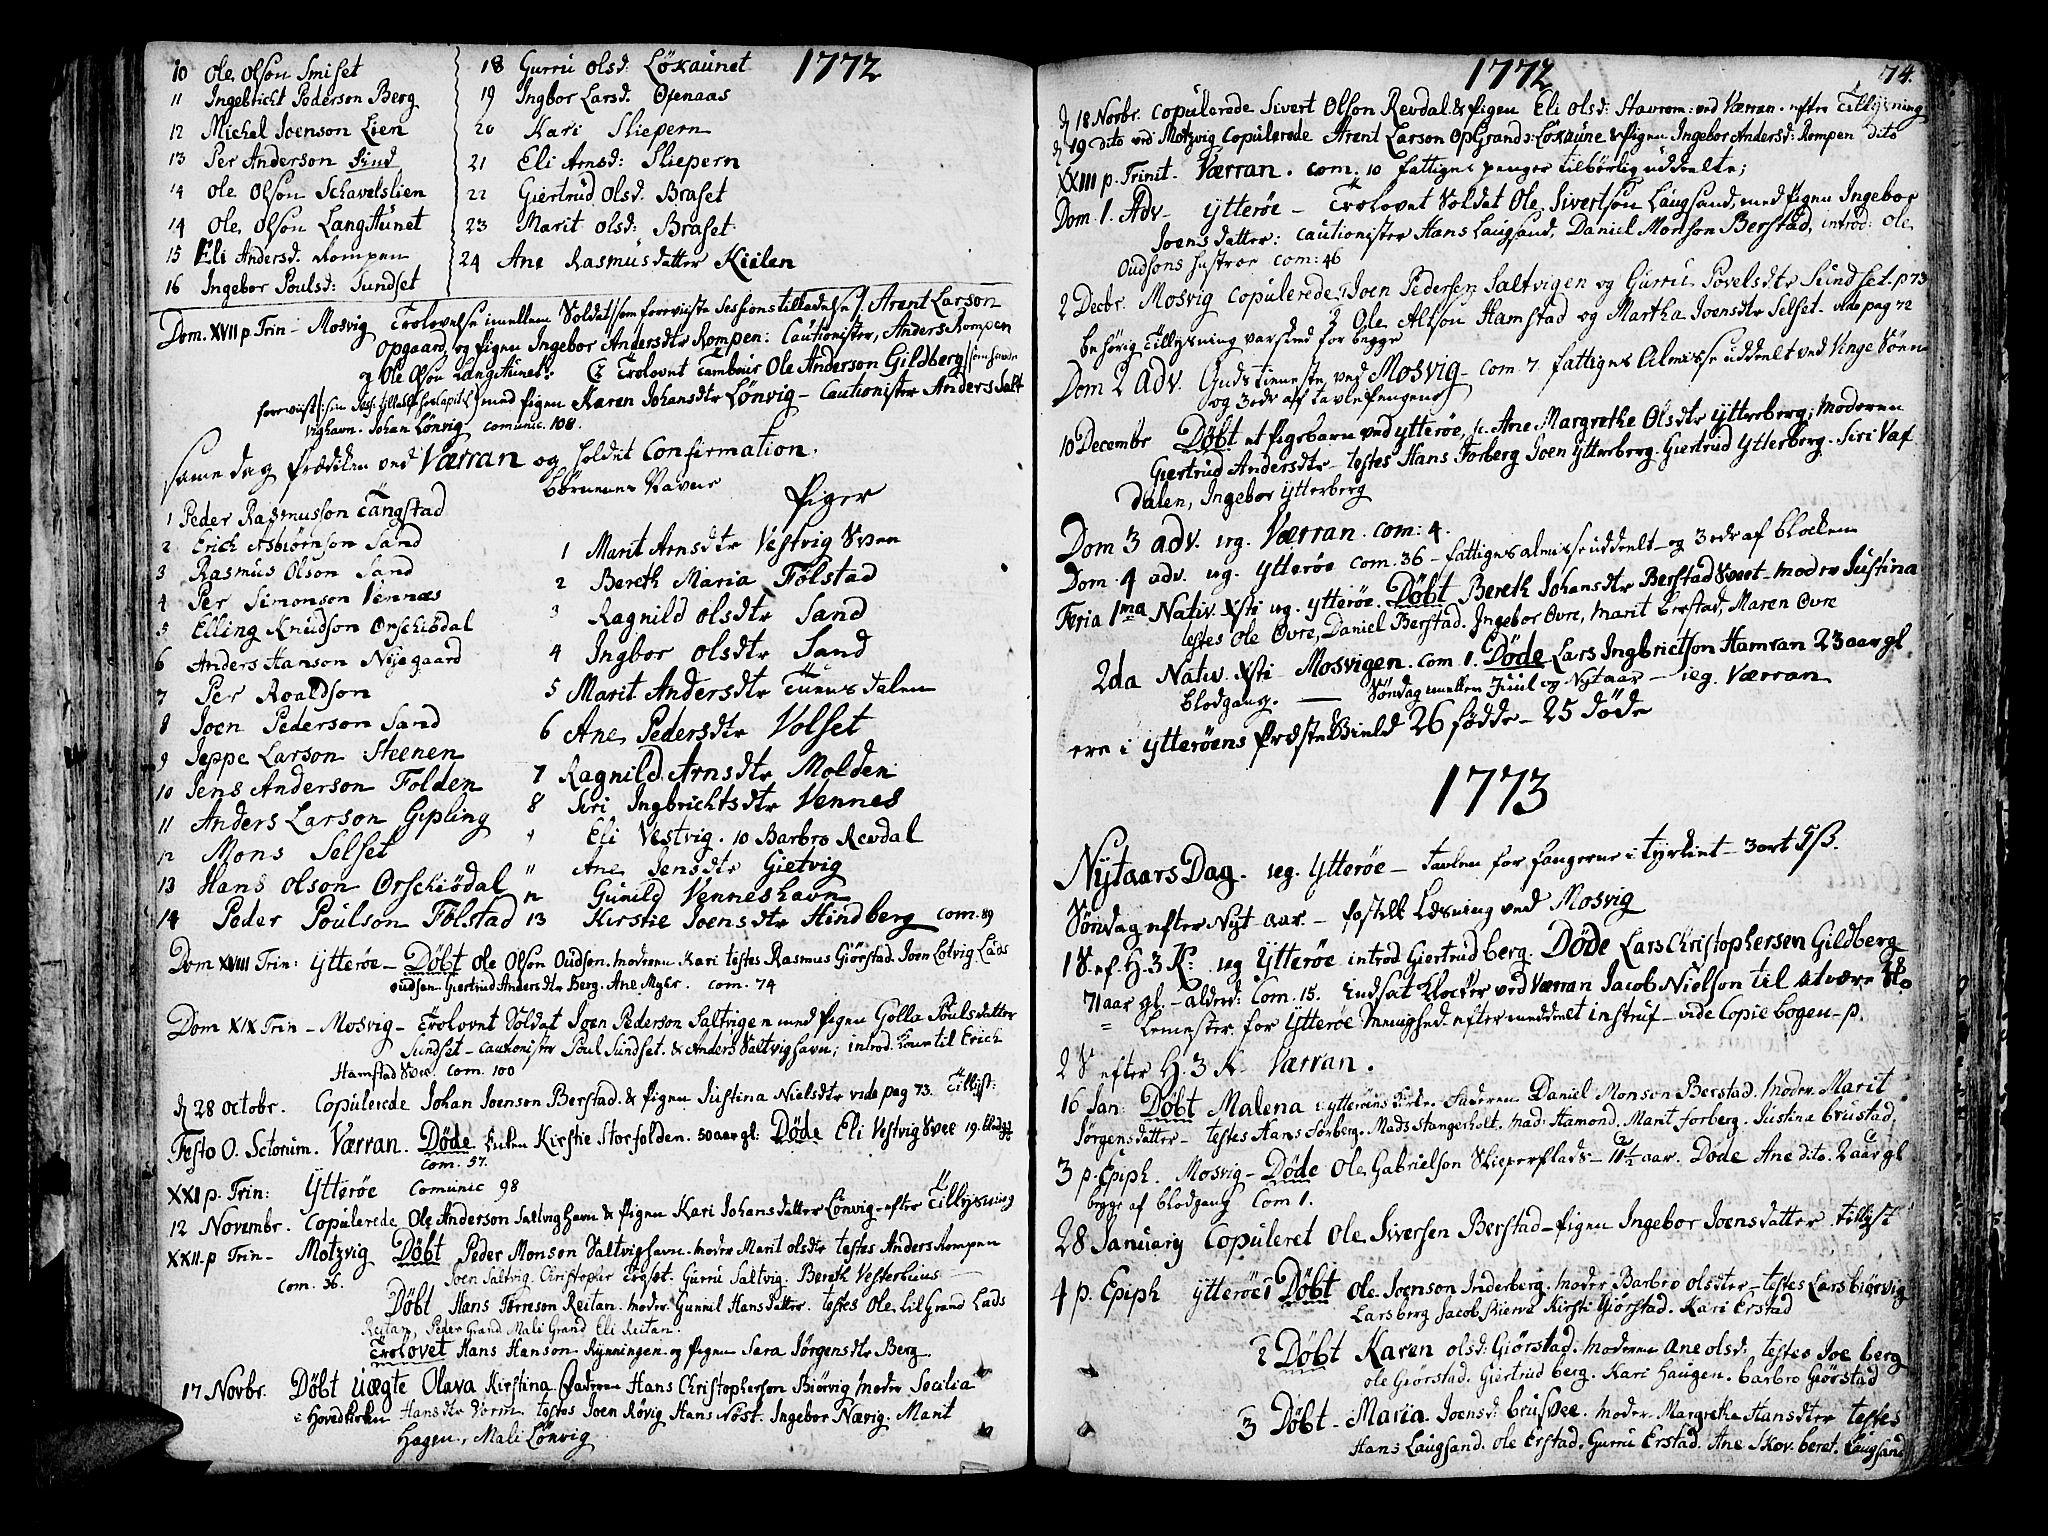 SAT, Ministerialprotokoller, klokkerbøker og fødselsregistre - Nord-Trøndelag, 722/L0216: Ministerialbok nr. 722A03, 1756-1816, s. 74